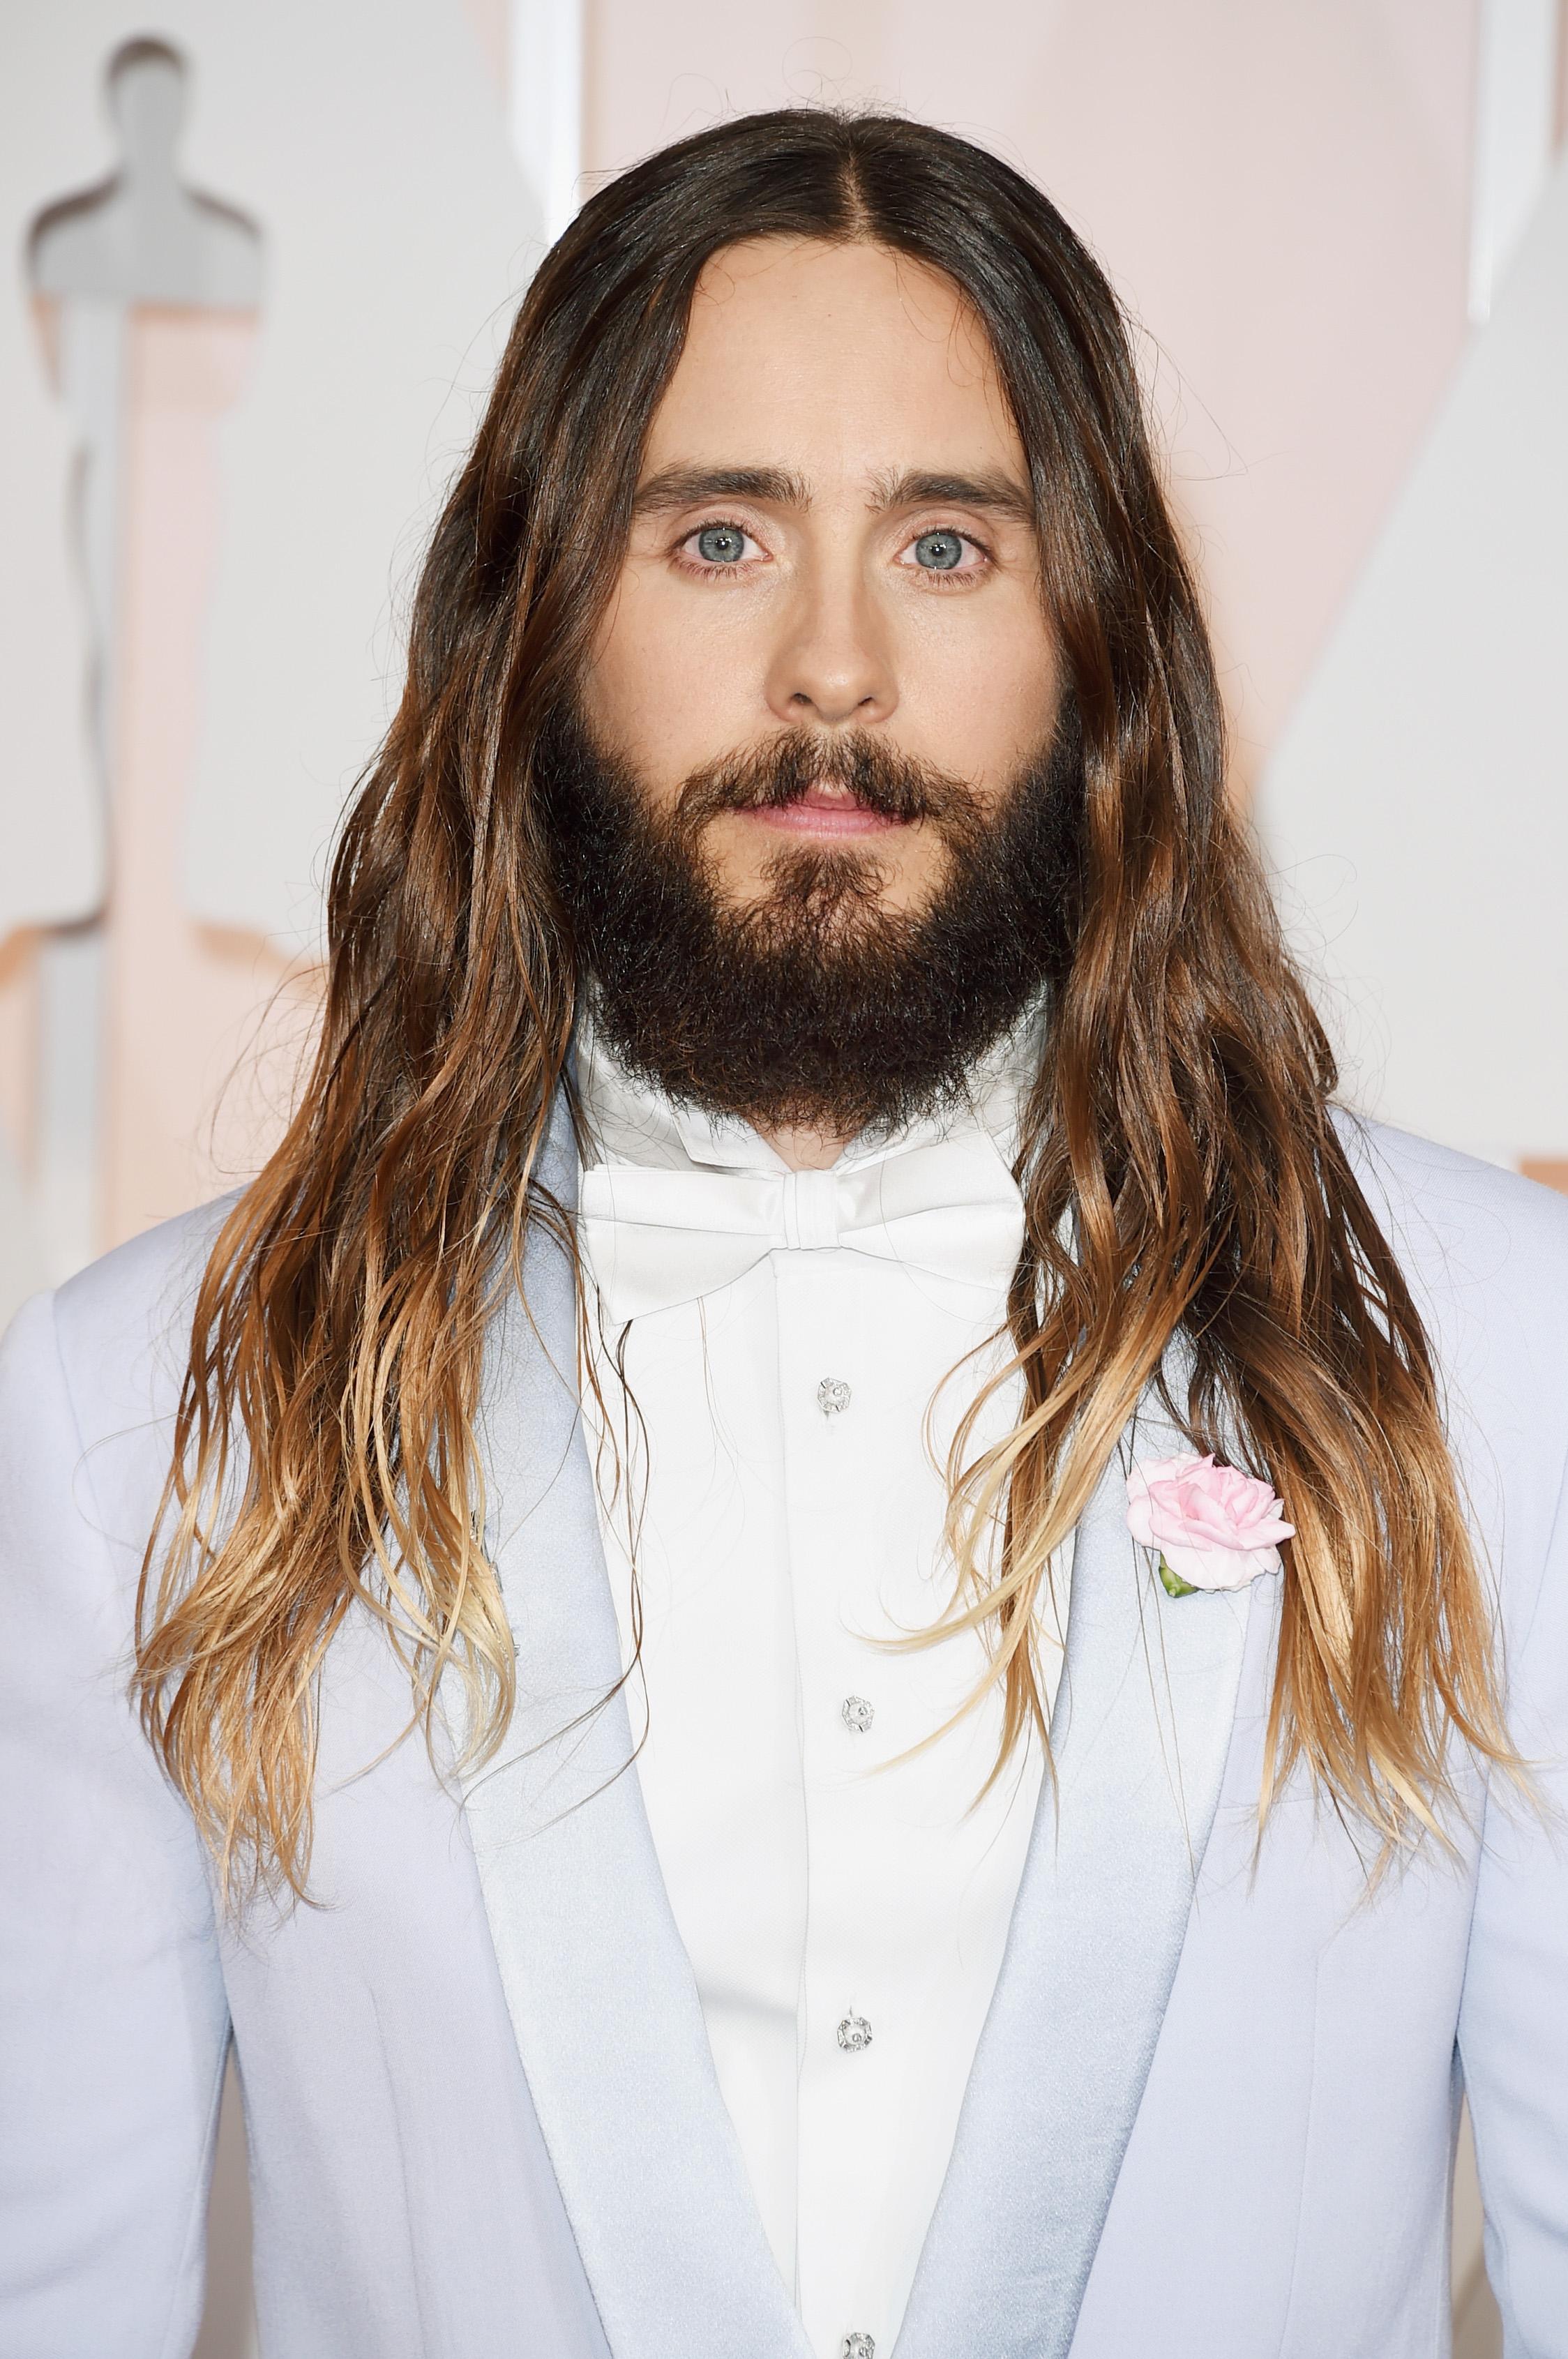 Как стричься чтобы отрастить волосы парню?